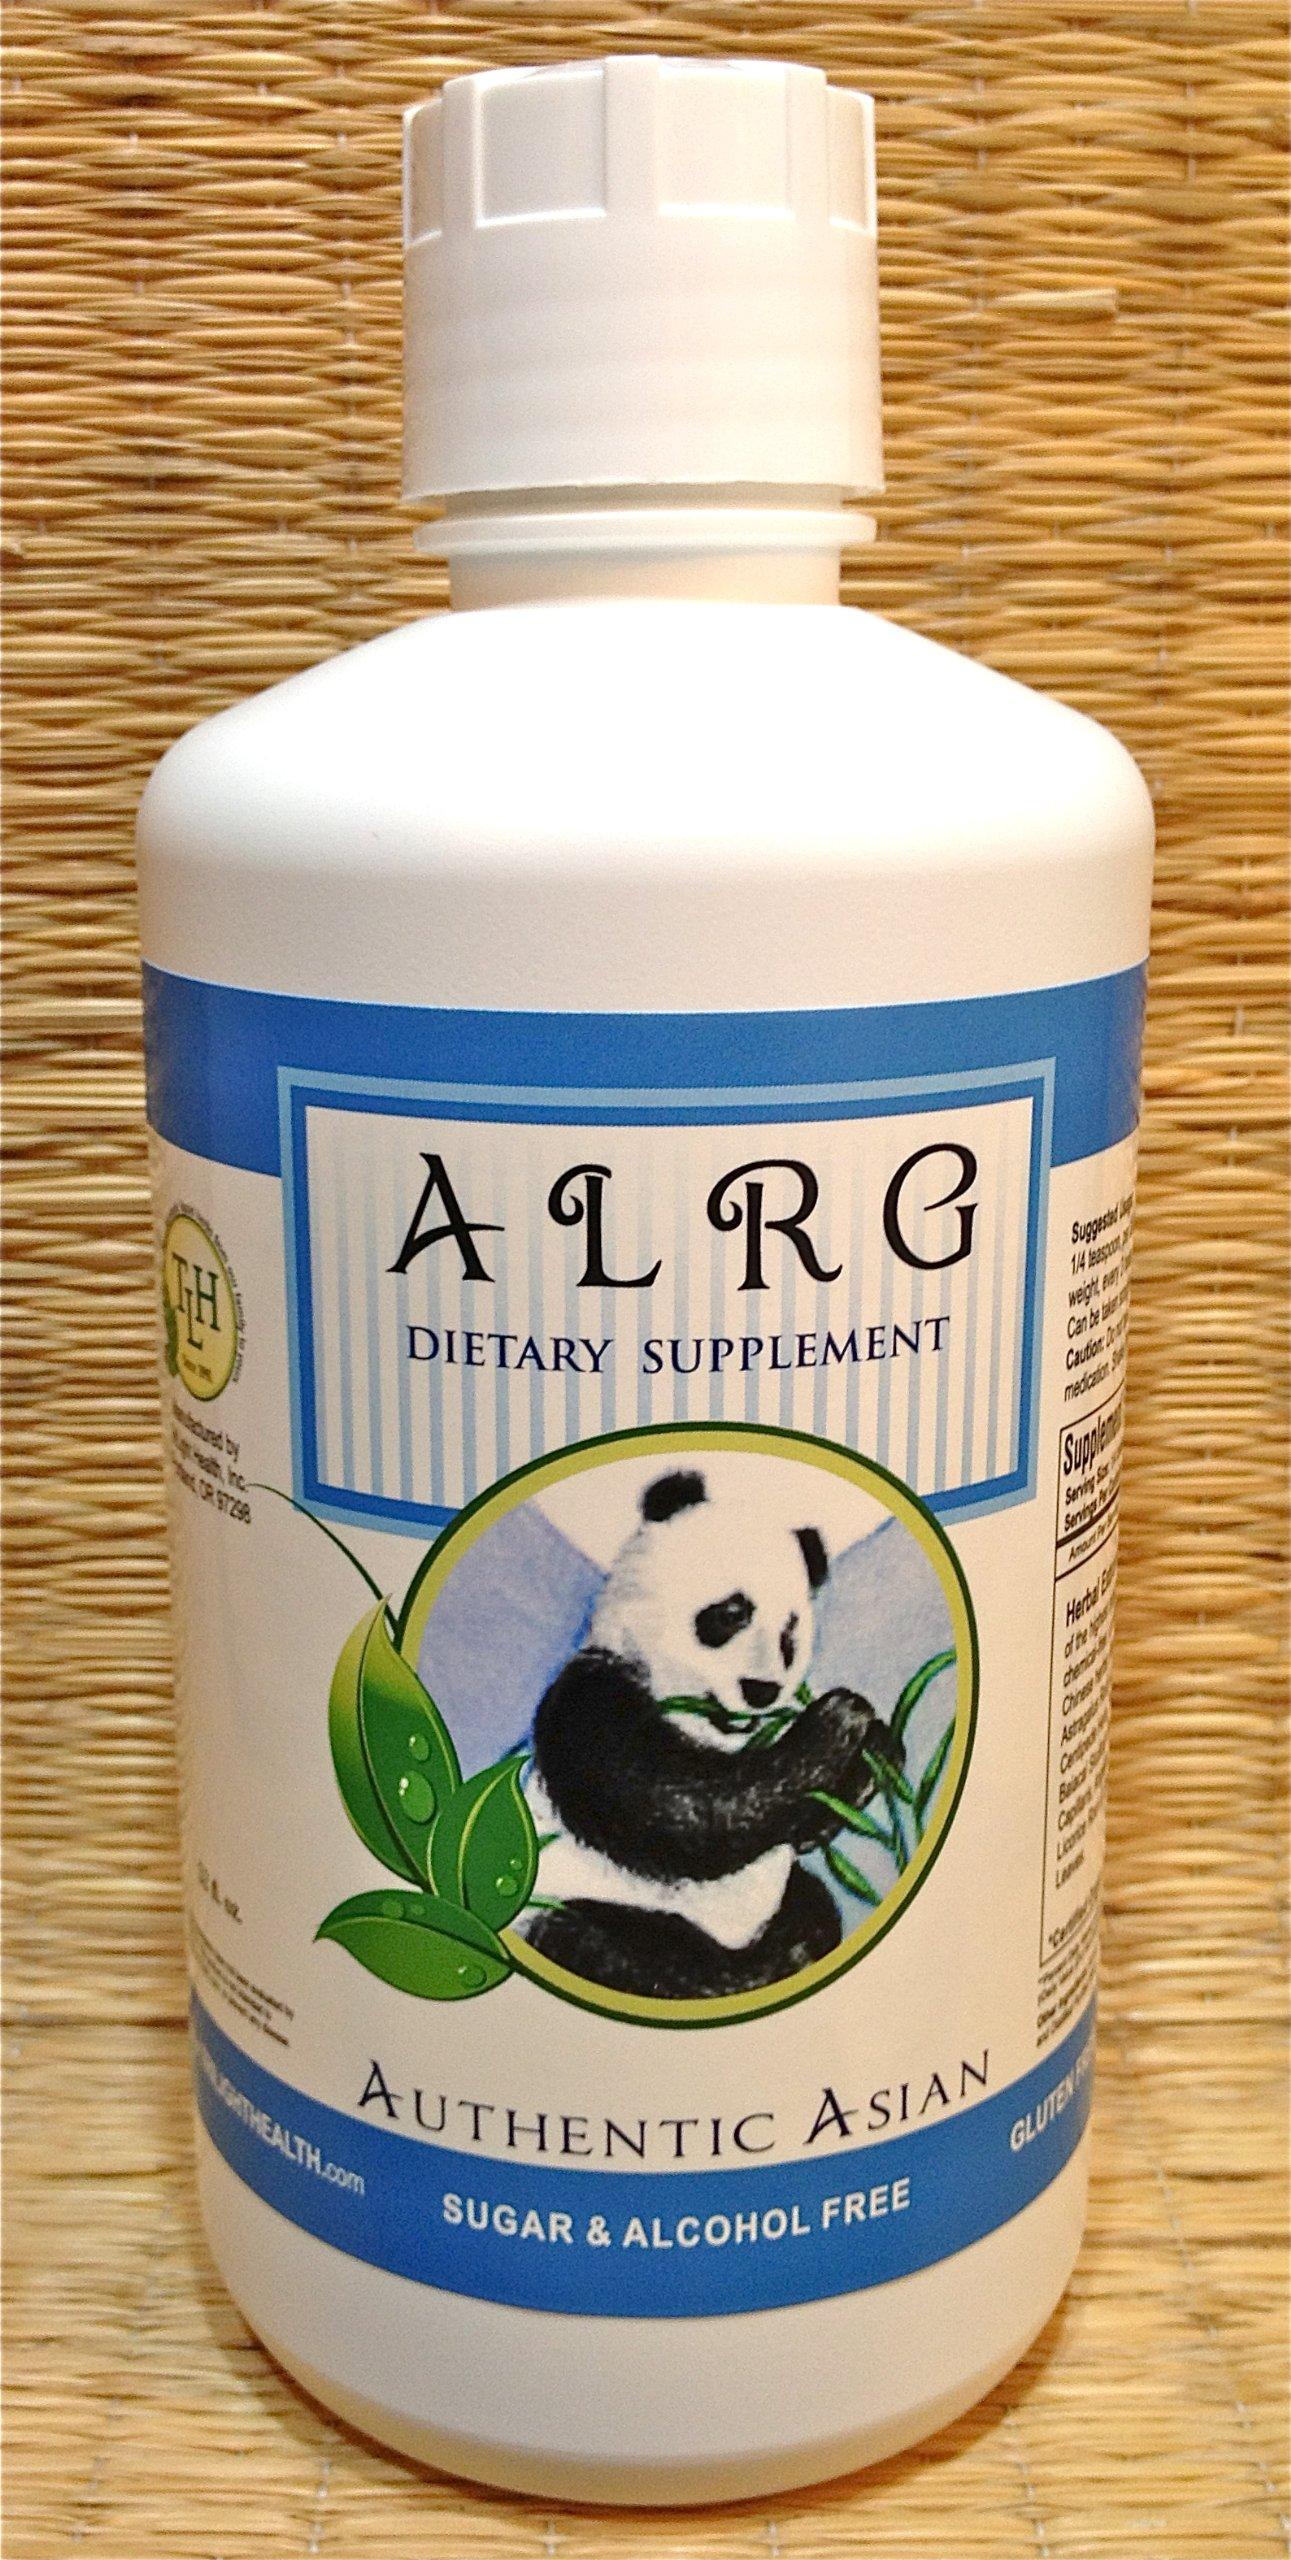 AL-R-G (Allergy) 32 oz Bottle - For Allergy, Hayfever, Allergic Rhinitis Support.